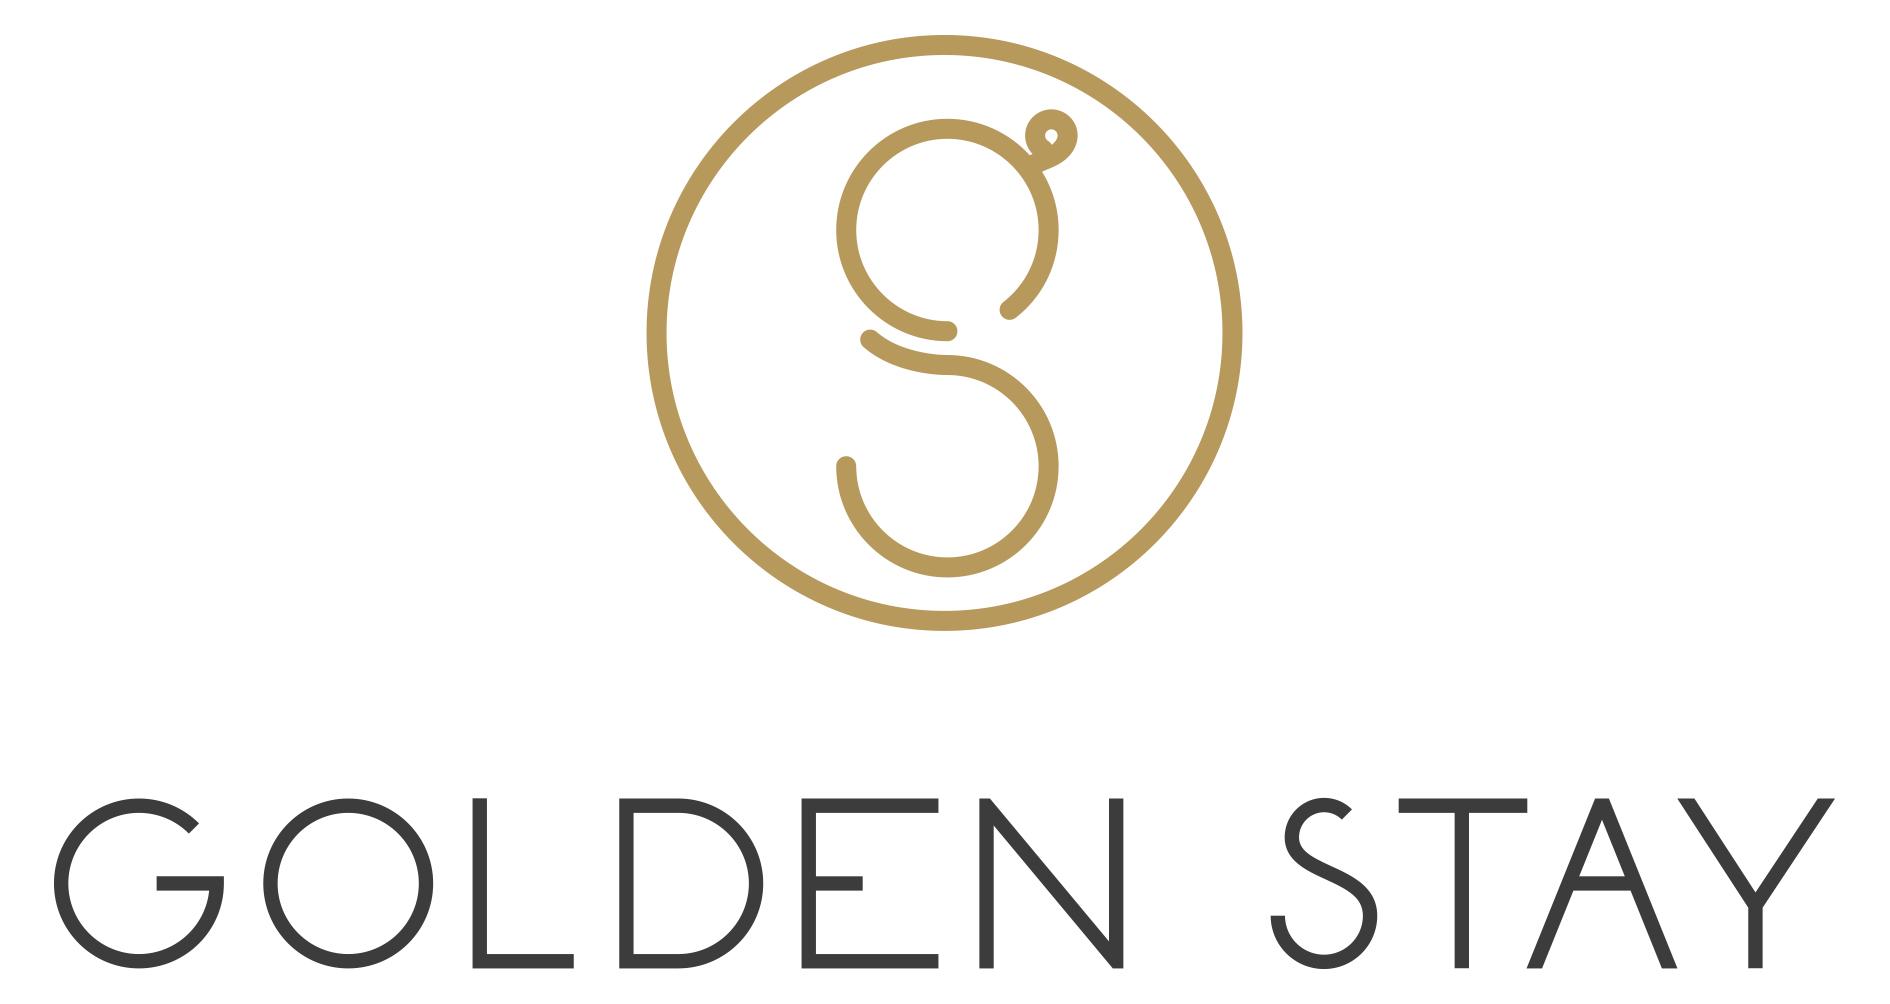 Goldenstay